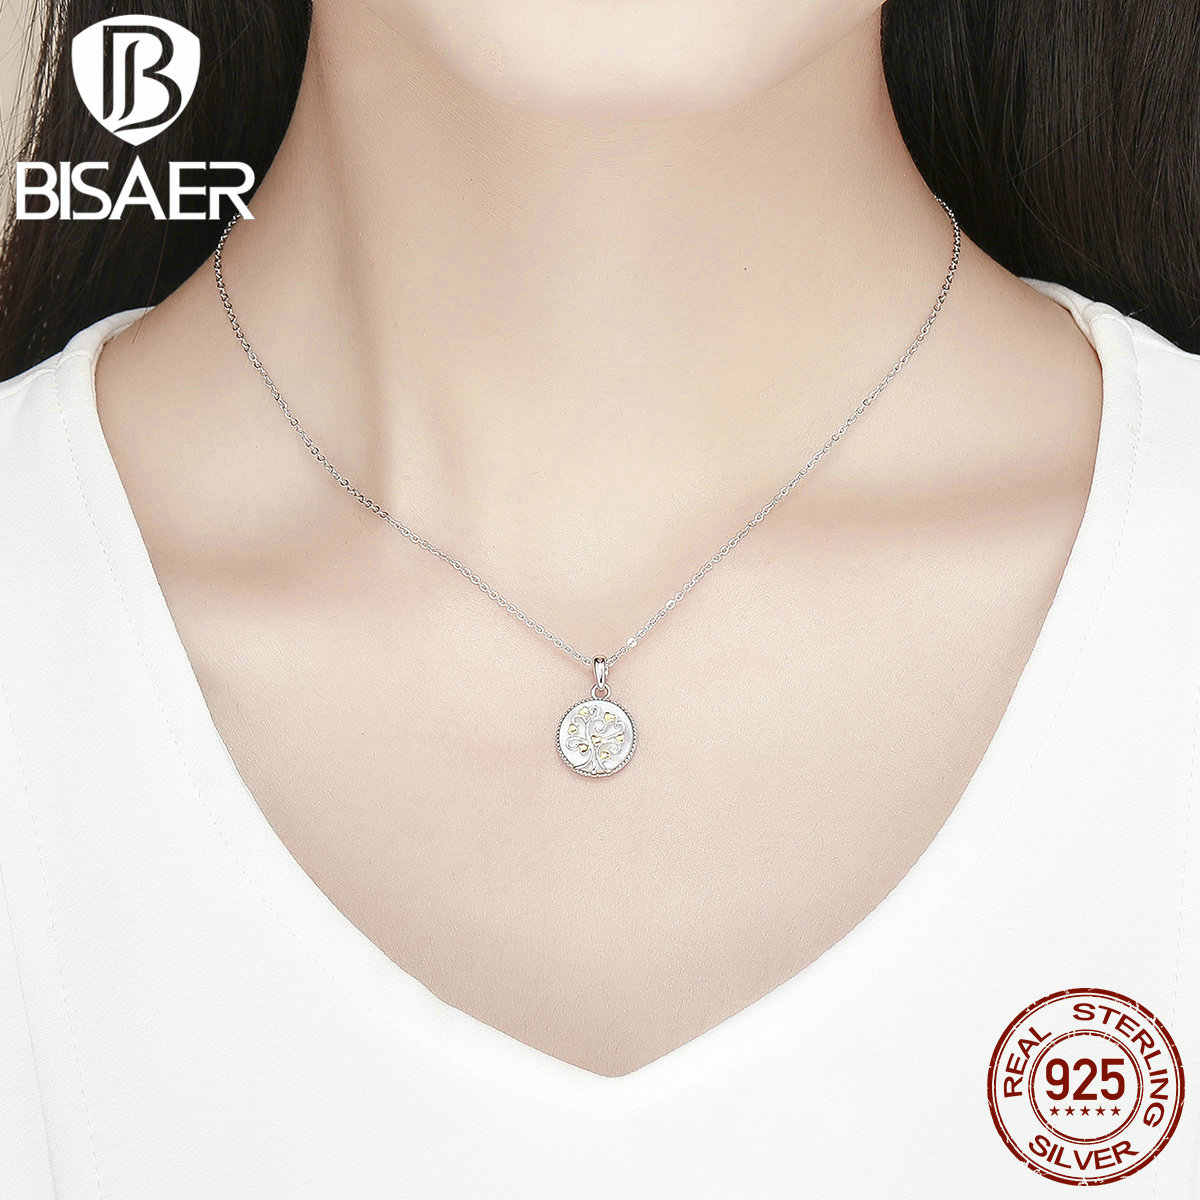 BISAER, ожерелье в виде ракушки, 925 пробы, серебро, био цвет, золото, сердце, древо жизни, белая оболочка, ожерелье с подвеской для женщин GXN296